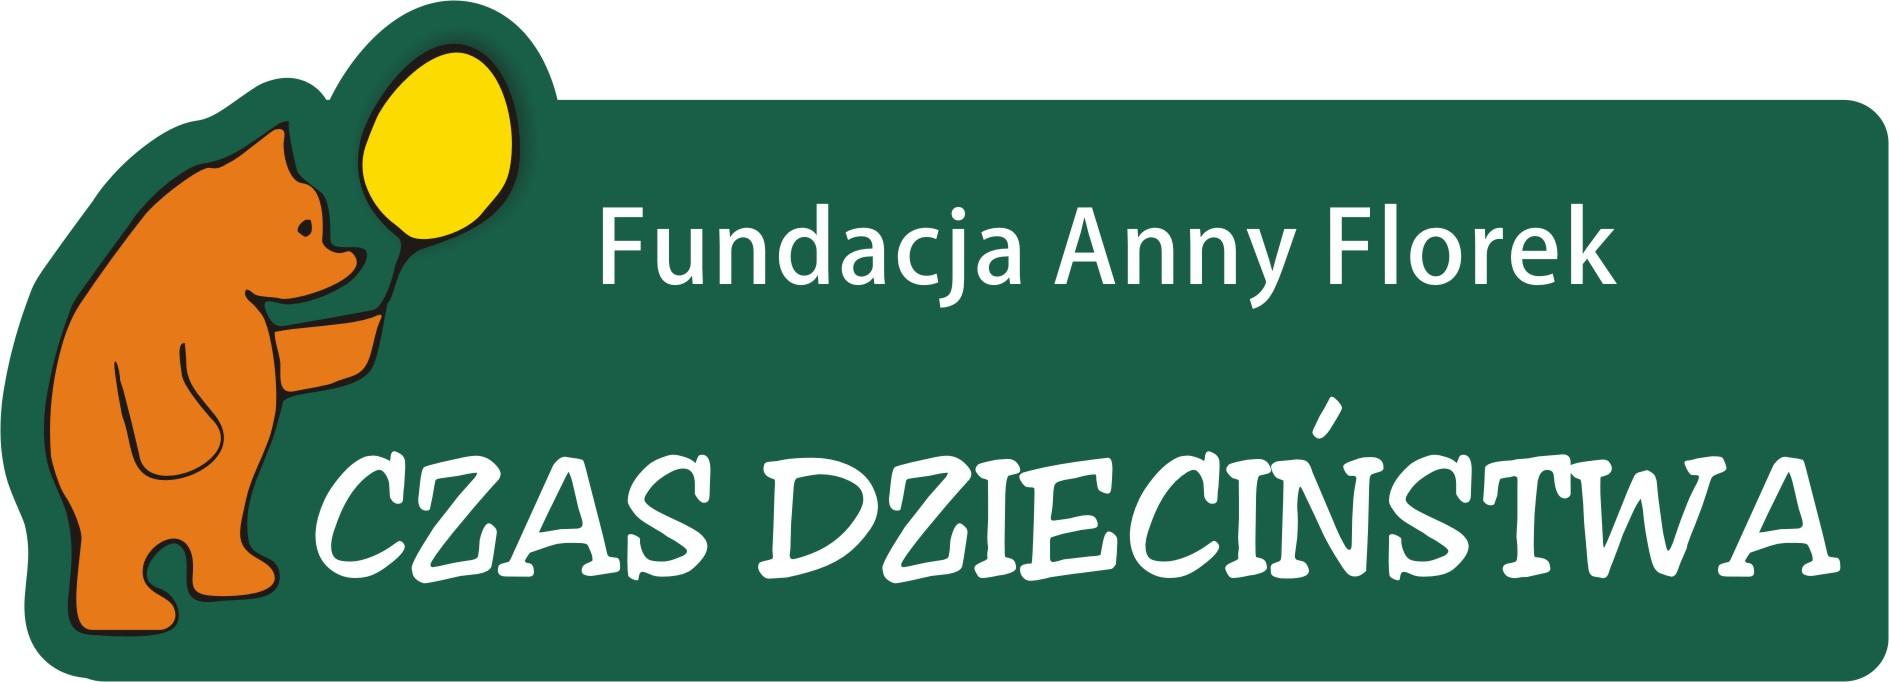 Logo Fundacji Anny Florek CZAS DZIECIŃSTWA